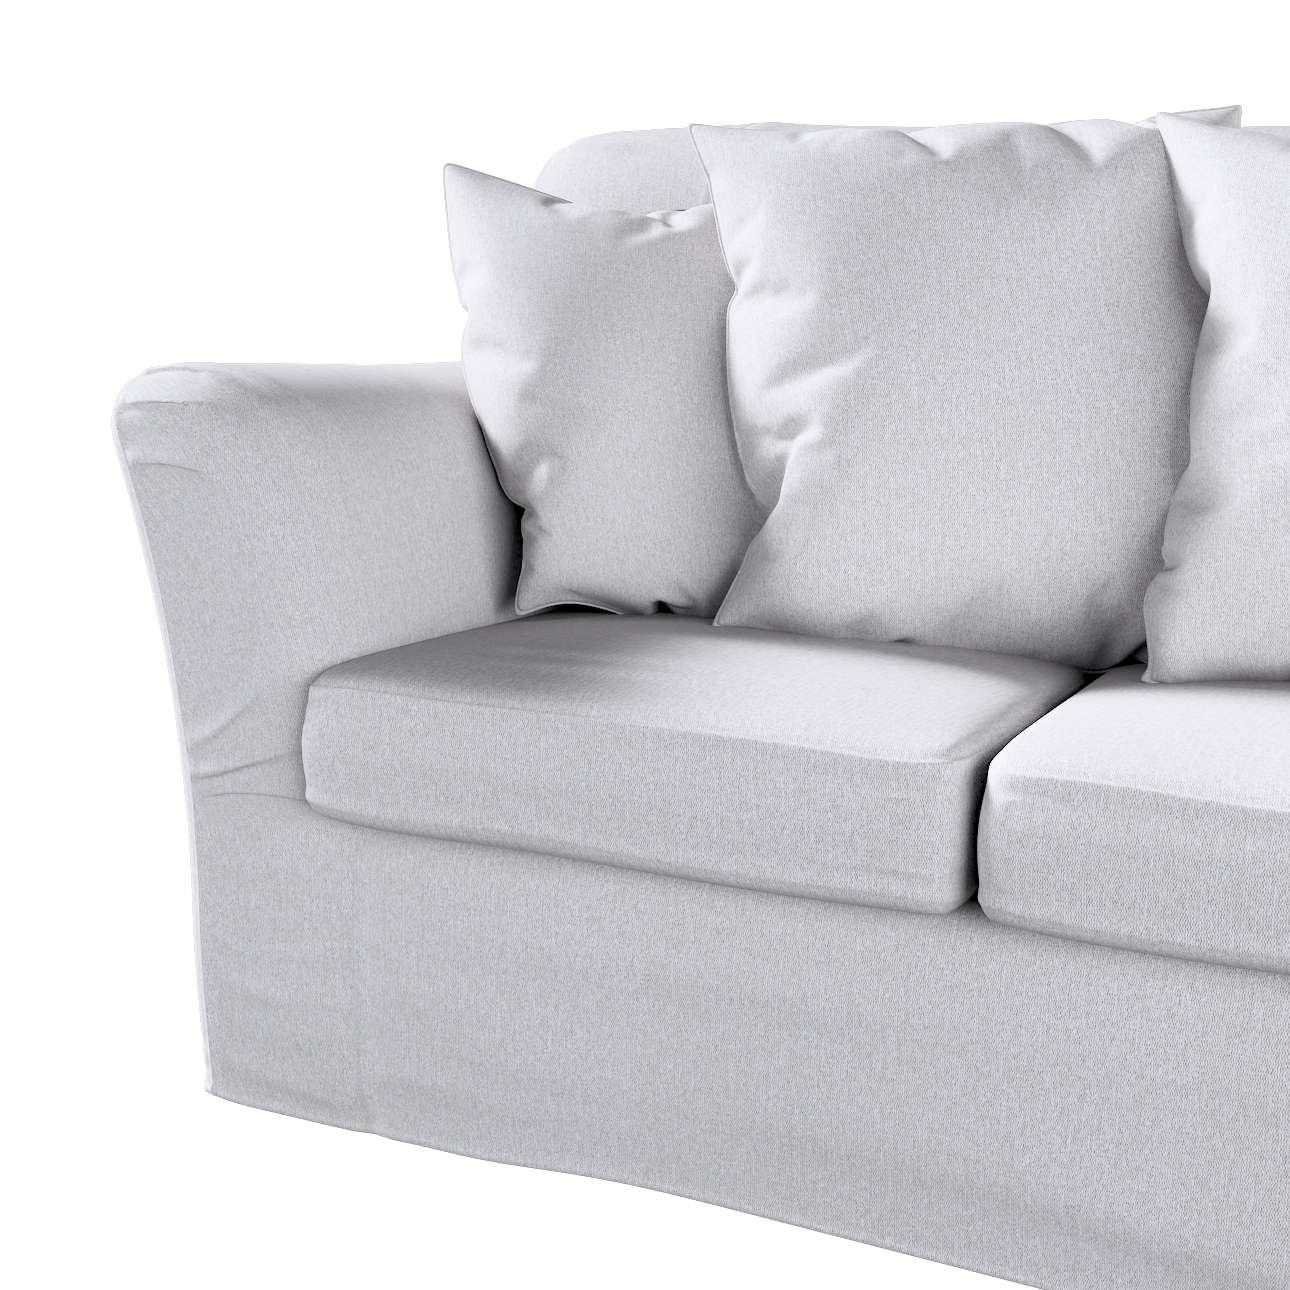 Pokrowiec na sofę Tomelilla 3-osobową nierozkładaną w kolekcji Amsterdam, tkanina: 704-45